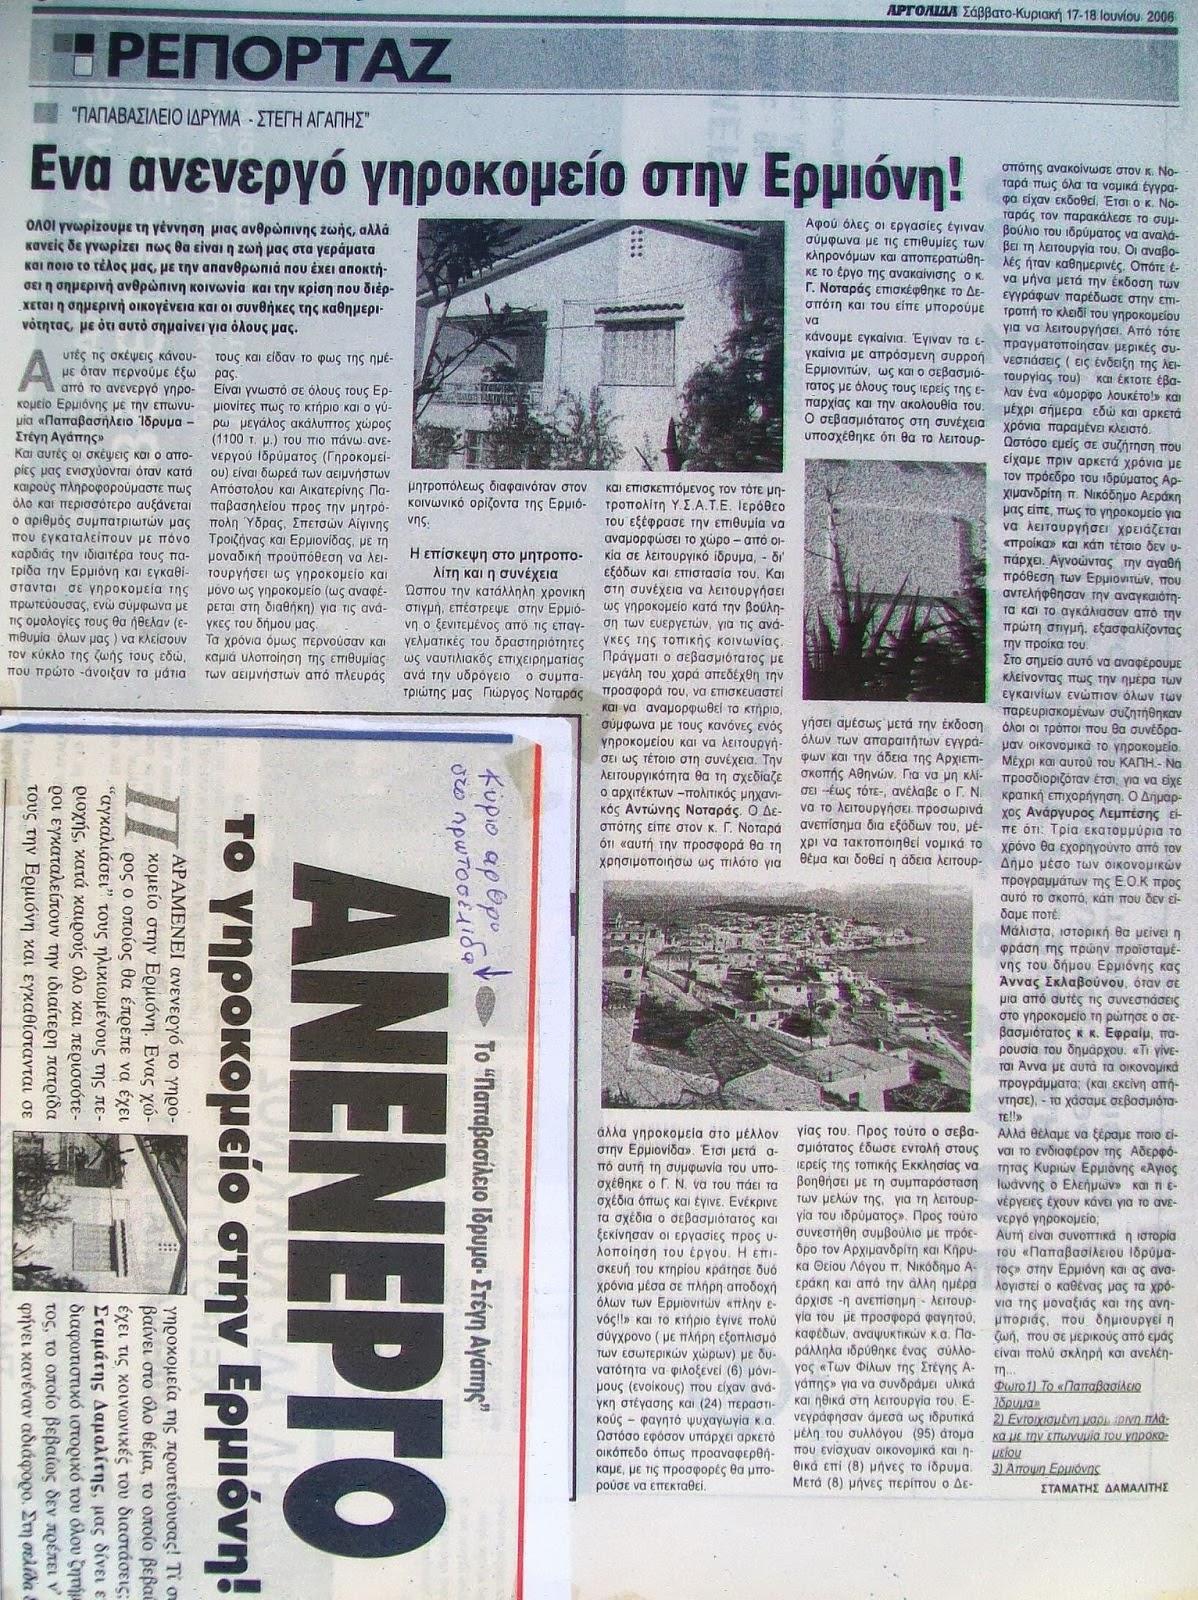 Ένα ανενεργό γηροκομείο στην Ερμιόνη - «Παπαβασίλειο Ίδρυμα – Στέγη Αγάπης»